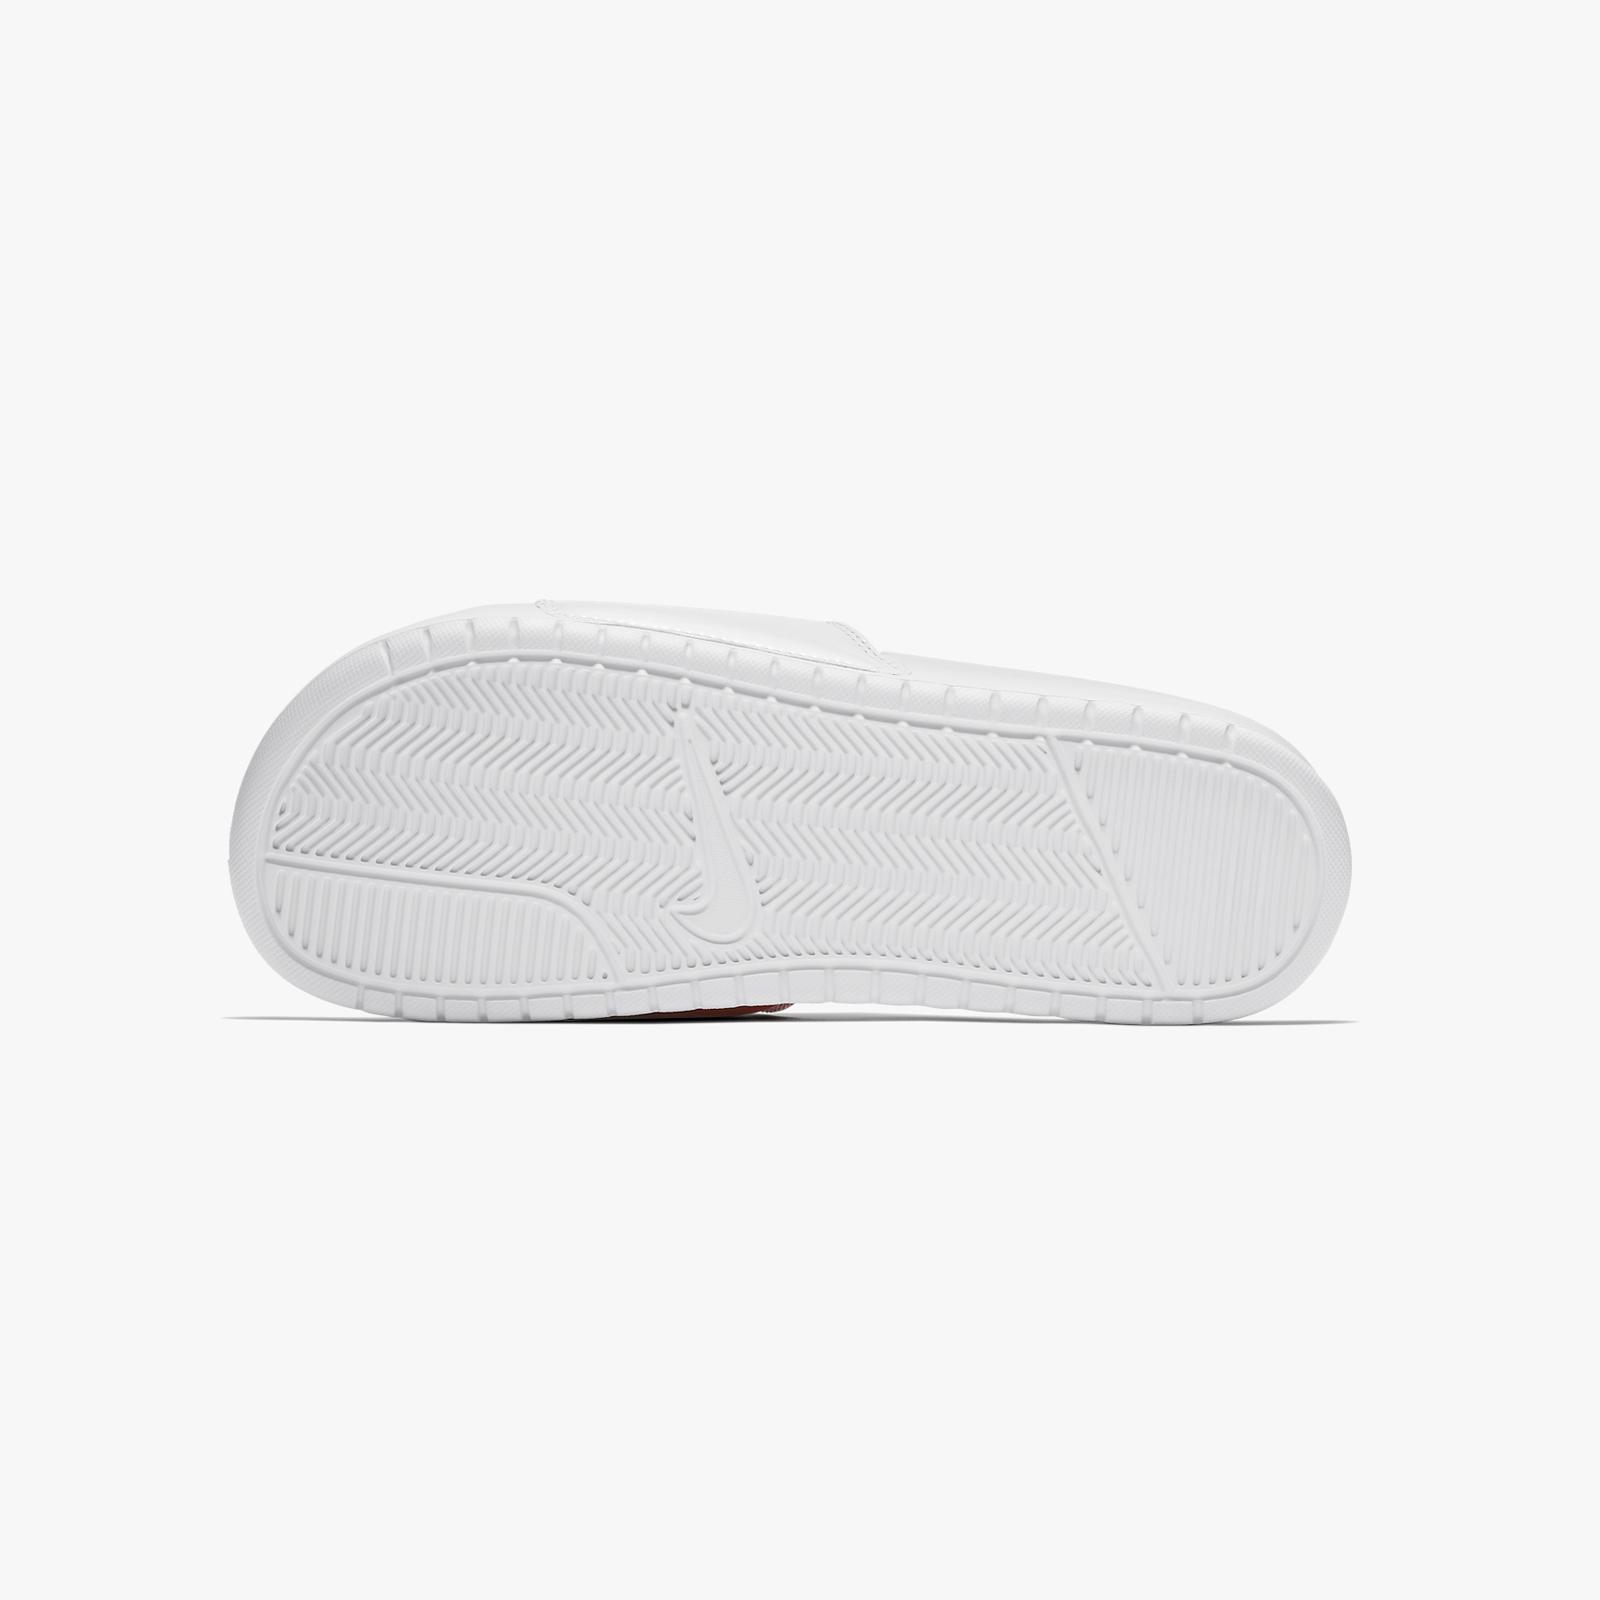 51ad7d119f15 Nike Benassi - Aq7983-100 - Sneakersnstuff